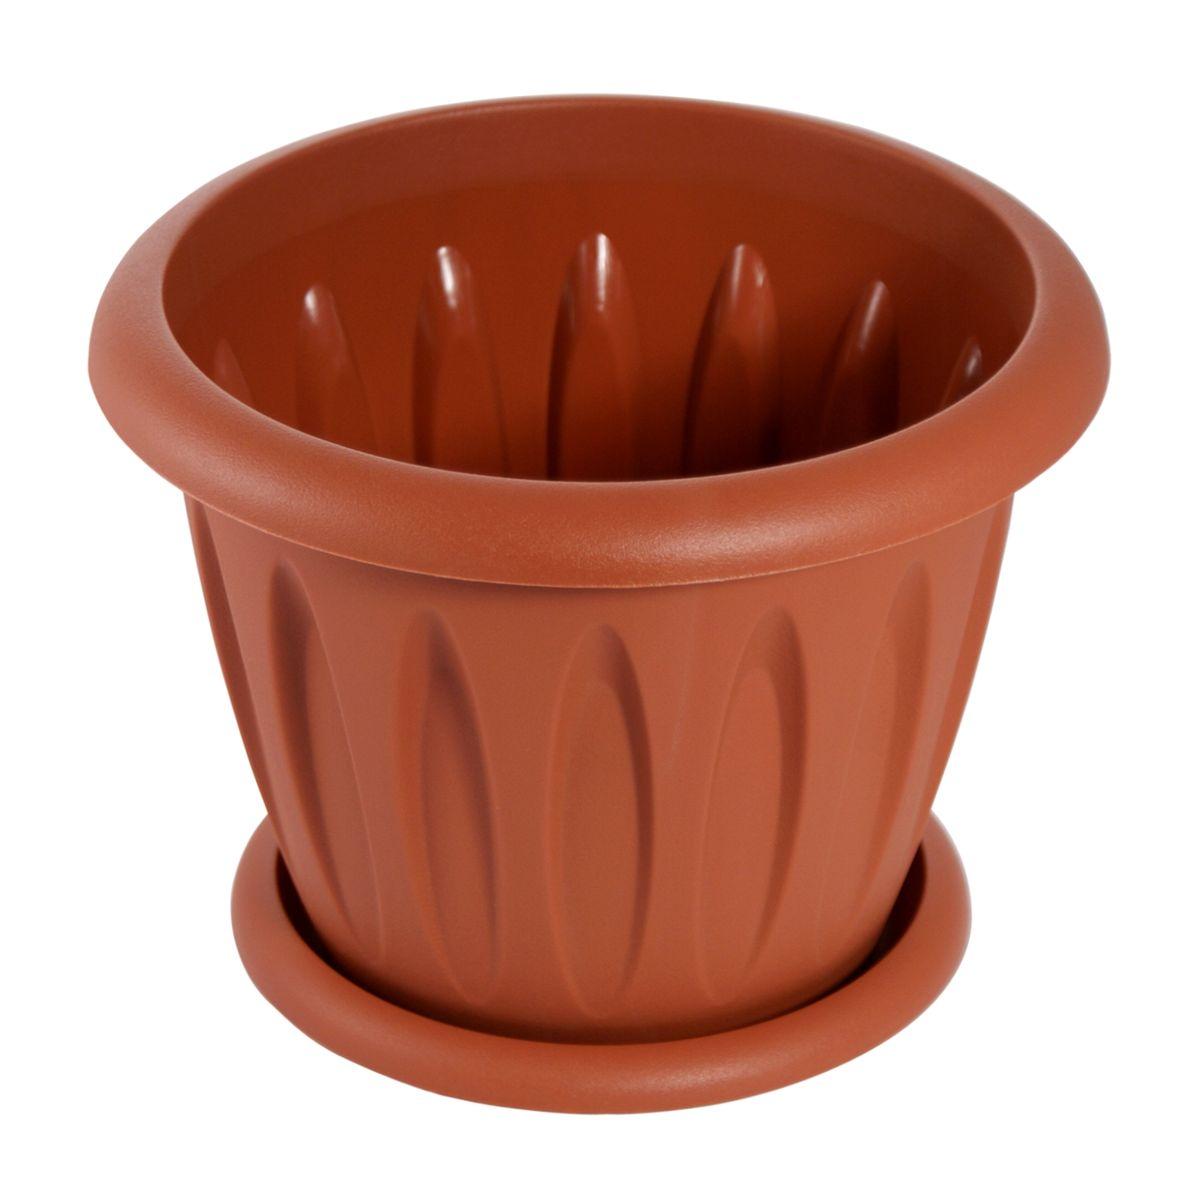 Горшок для цветов Martika Фелиция, с поддоном, цвет: терракотовый, 900 млMRC102TГоршок Martika Фелиция изготовлен из высококачественного пластика и оснащен поддоном для стока воды. Изделие прекрасно подойдет для выращивания растений дома и на приусадебных участках. Диаметр (по верхнему краю): 14,1 см. Высота: 10,9 см.